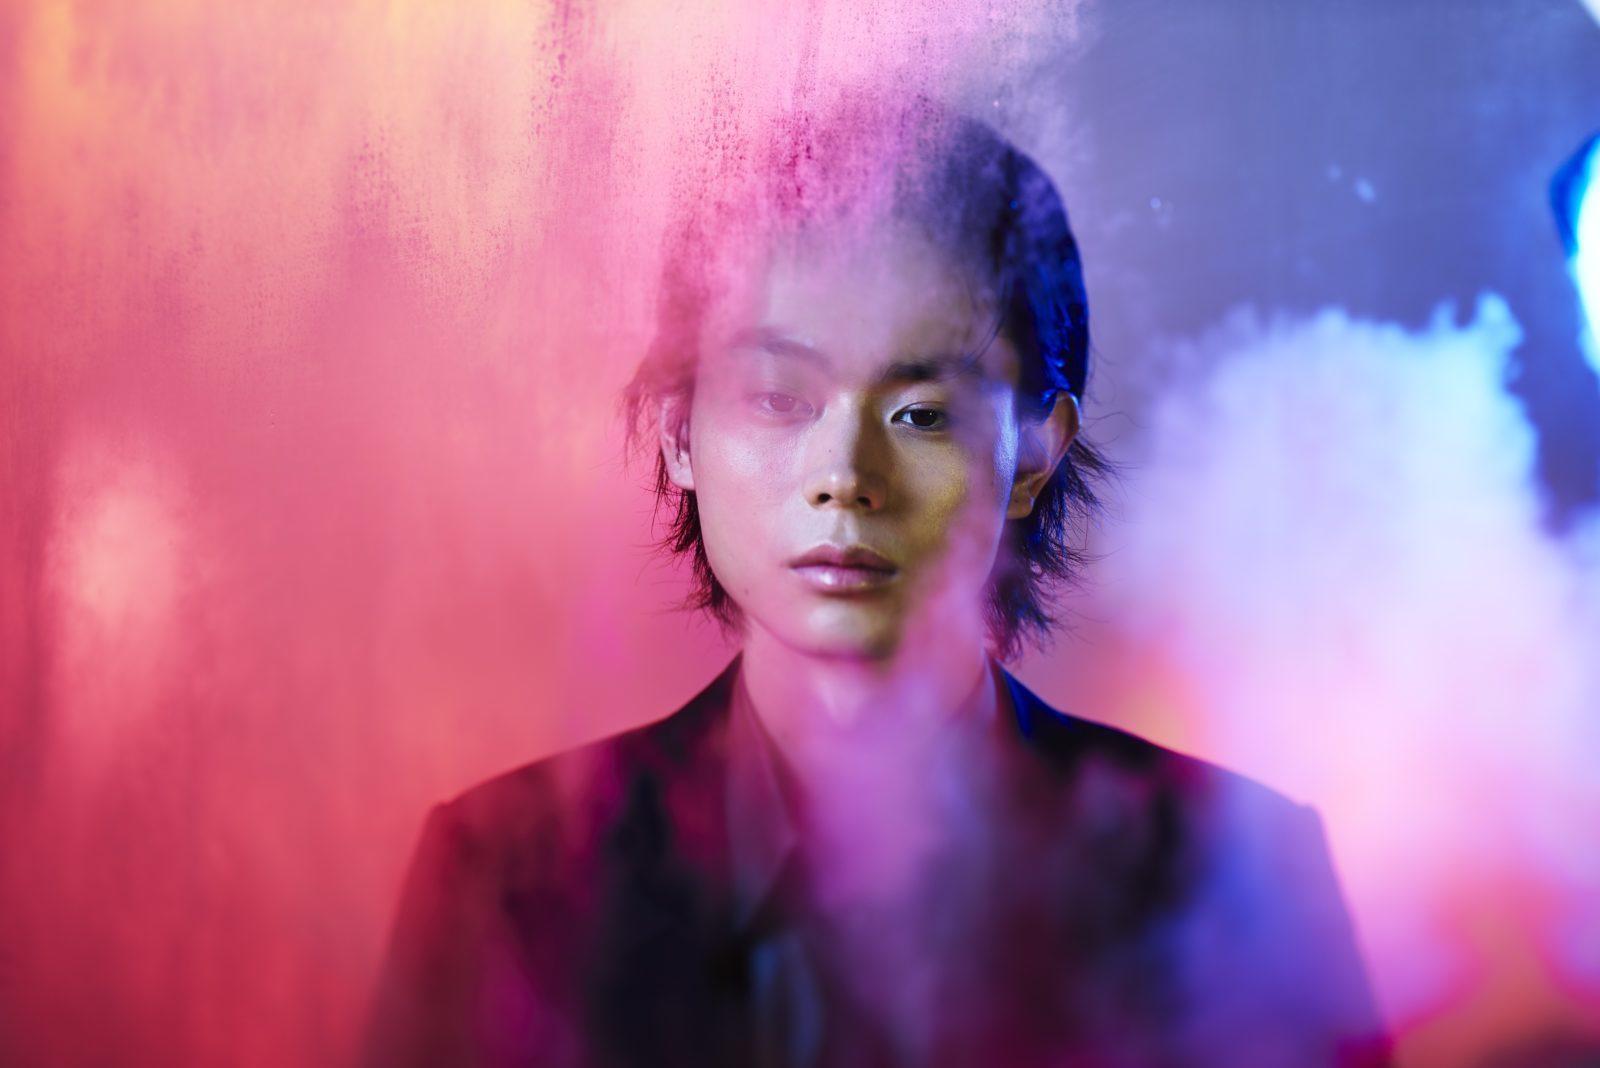 菅田将暉、TGCでの熱唱中に思っていた人物を明かす「気になってステージ上でも…」サムネイル画像